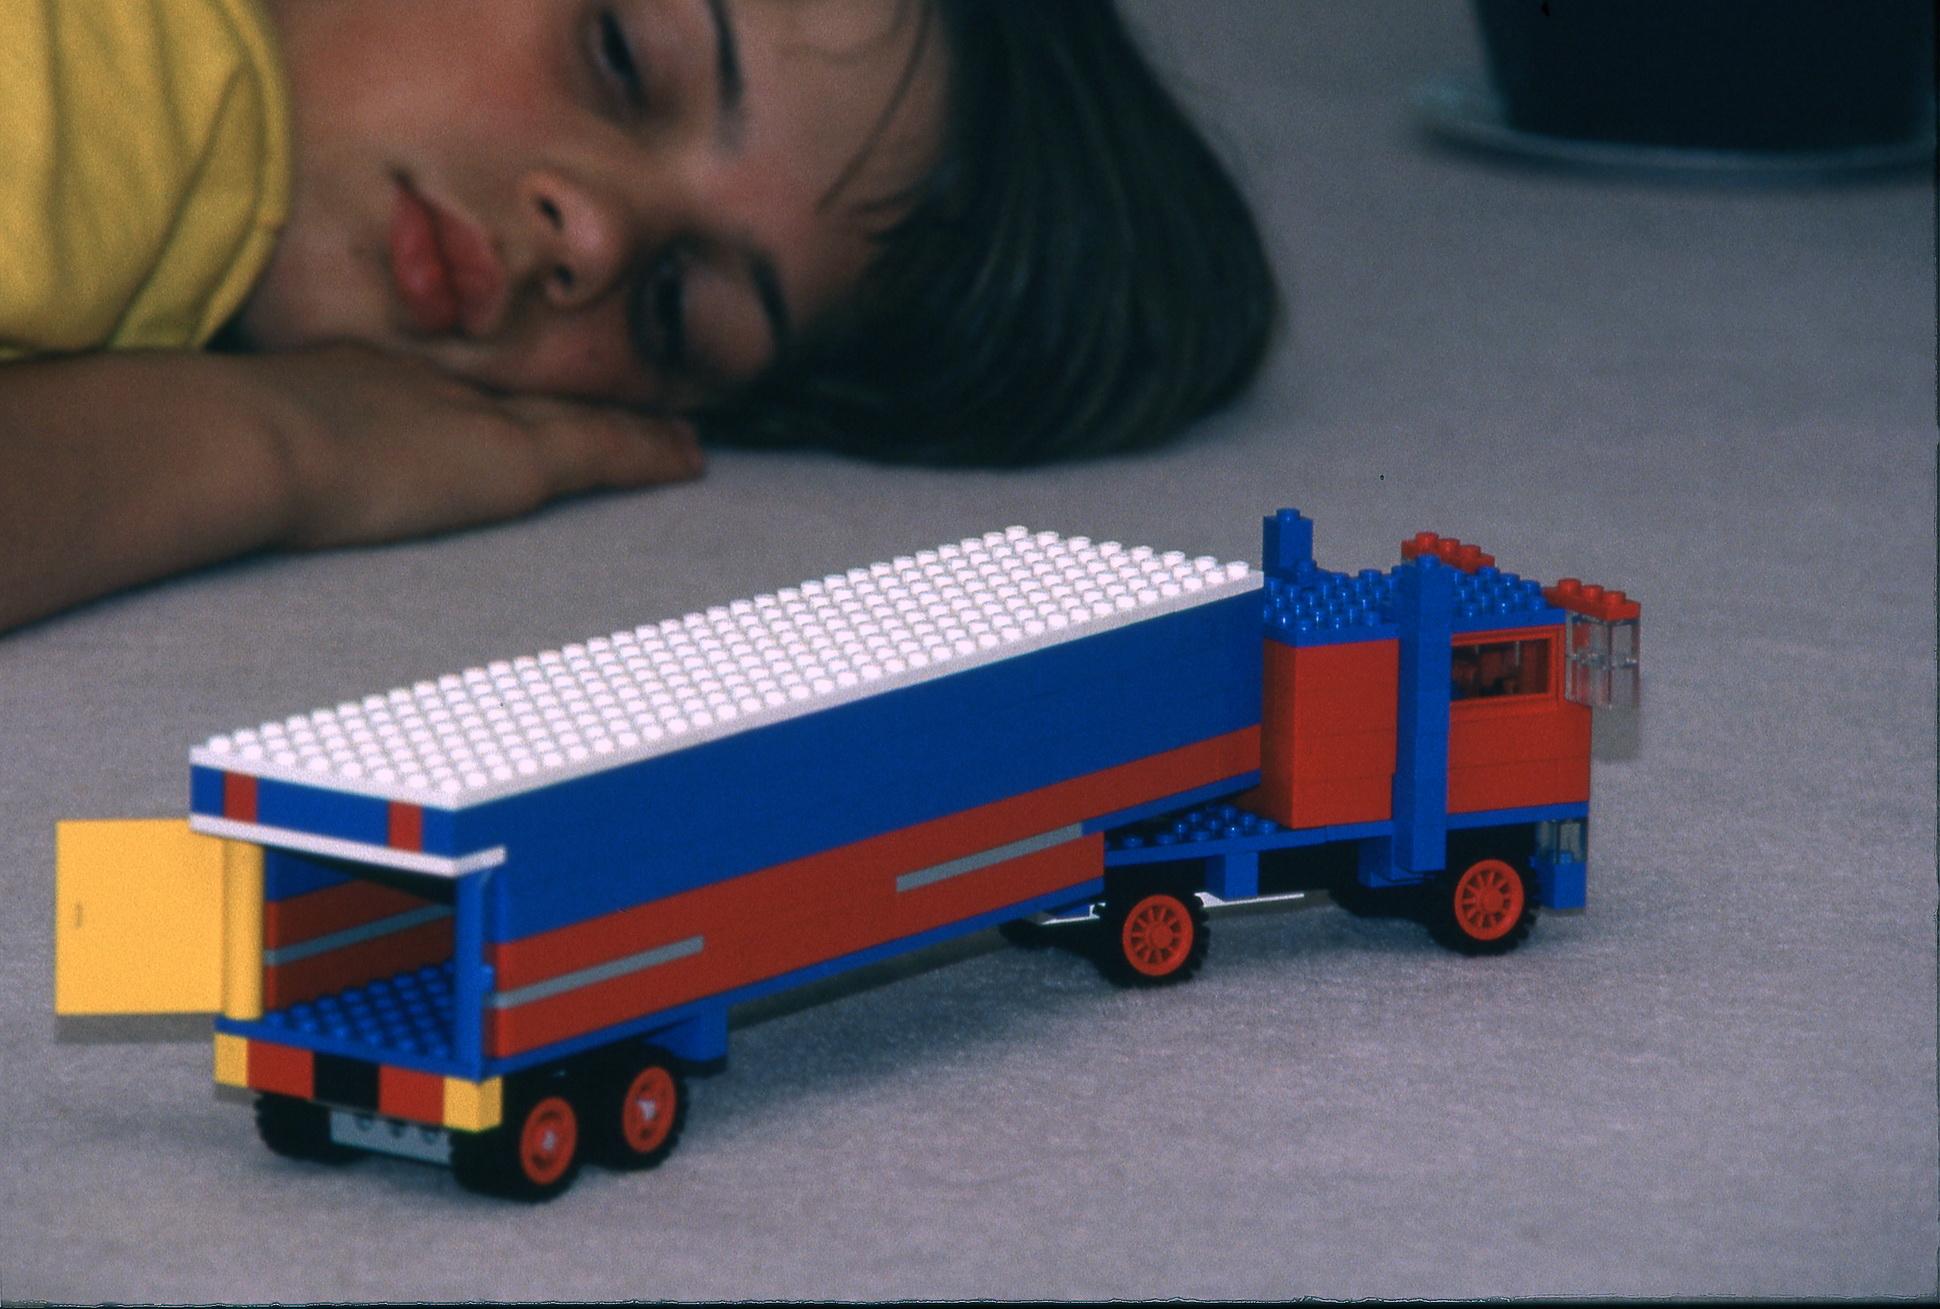 Sajnos már én is a Lego-generációból származom. Ez a kép valamikor 12 éves koromban készült